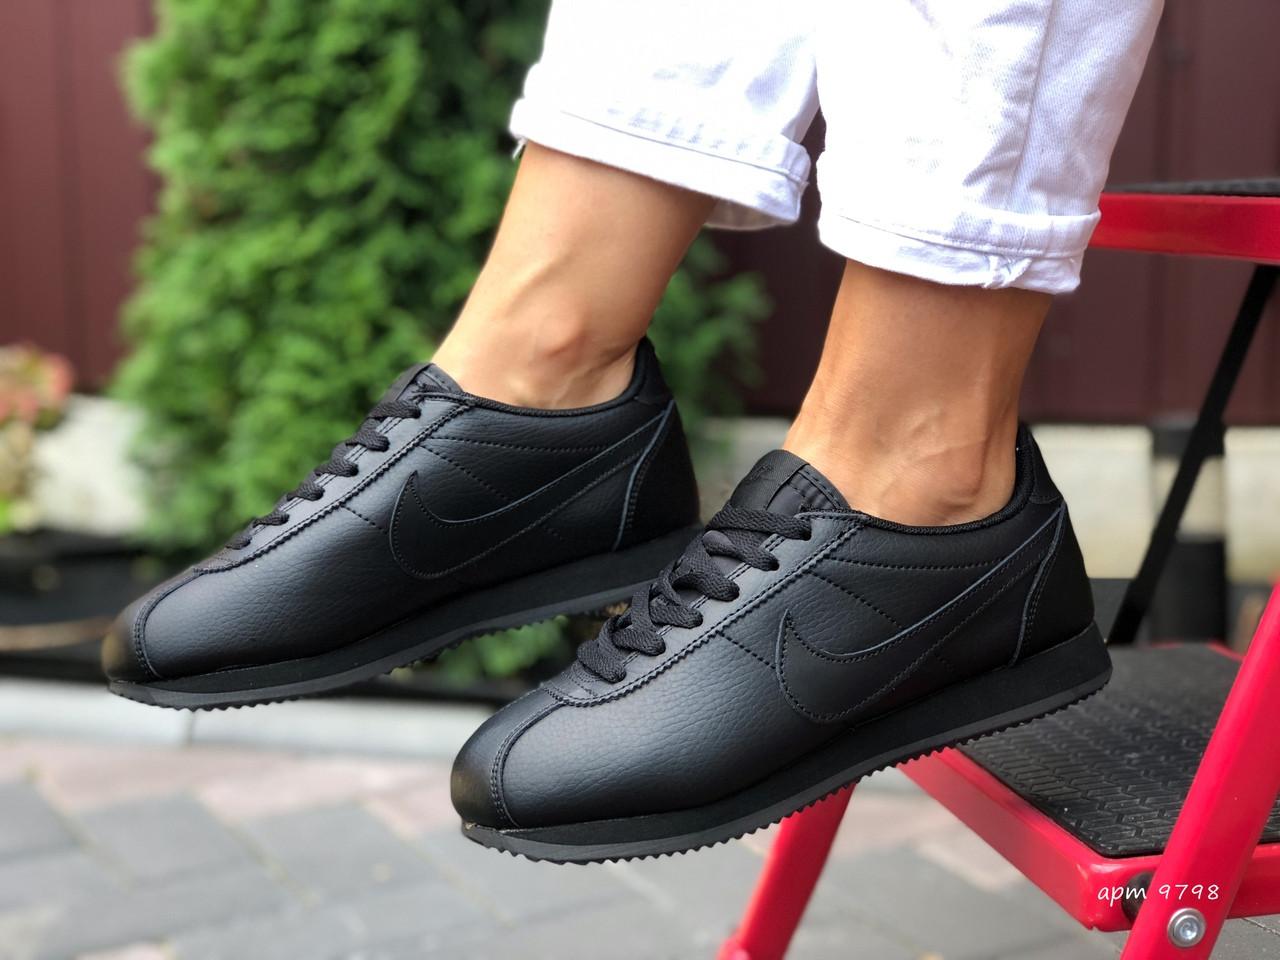 Женские кроссовки Nike Cortez (черные) 9798